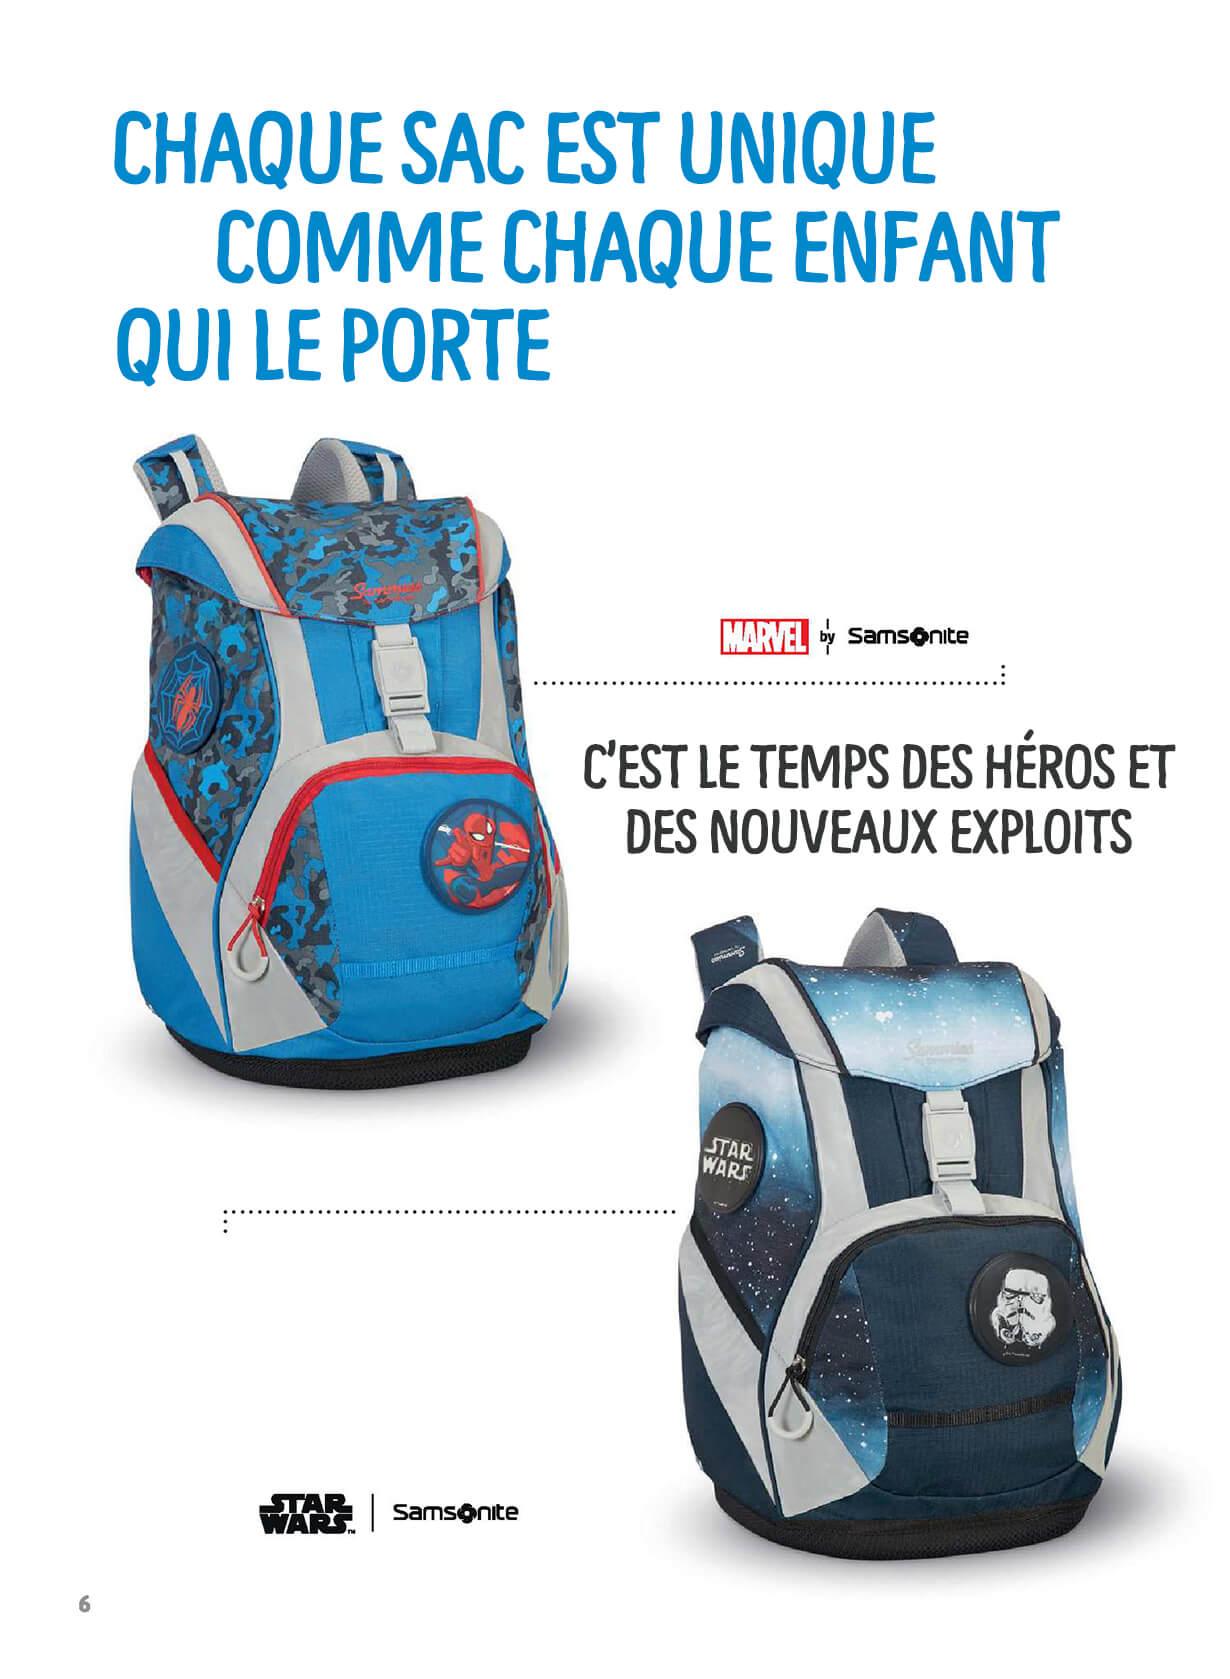 Chaque sac est unique comme chaque enfant qui le porte - C'est le temps des héros et des nouveaux exploits.